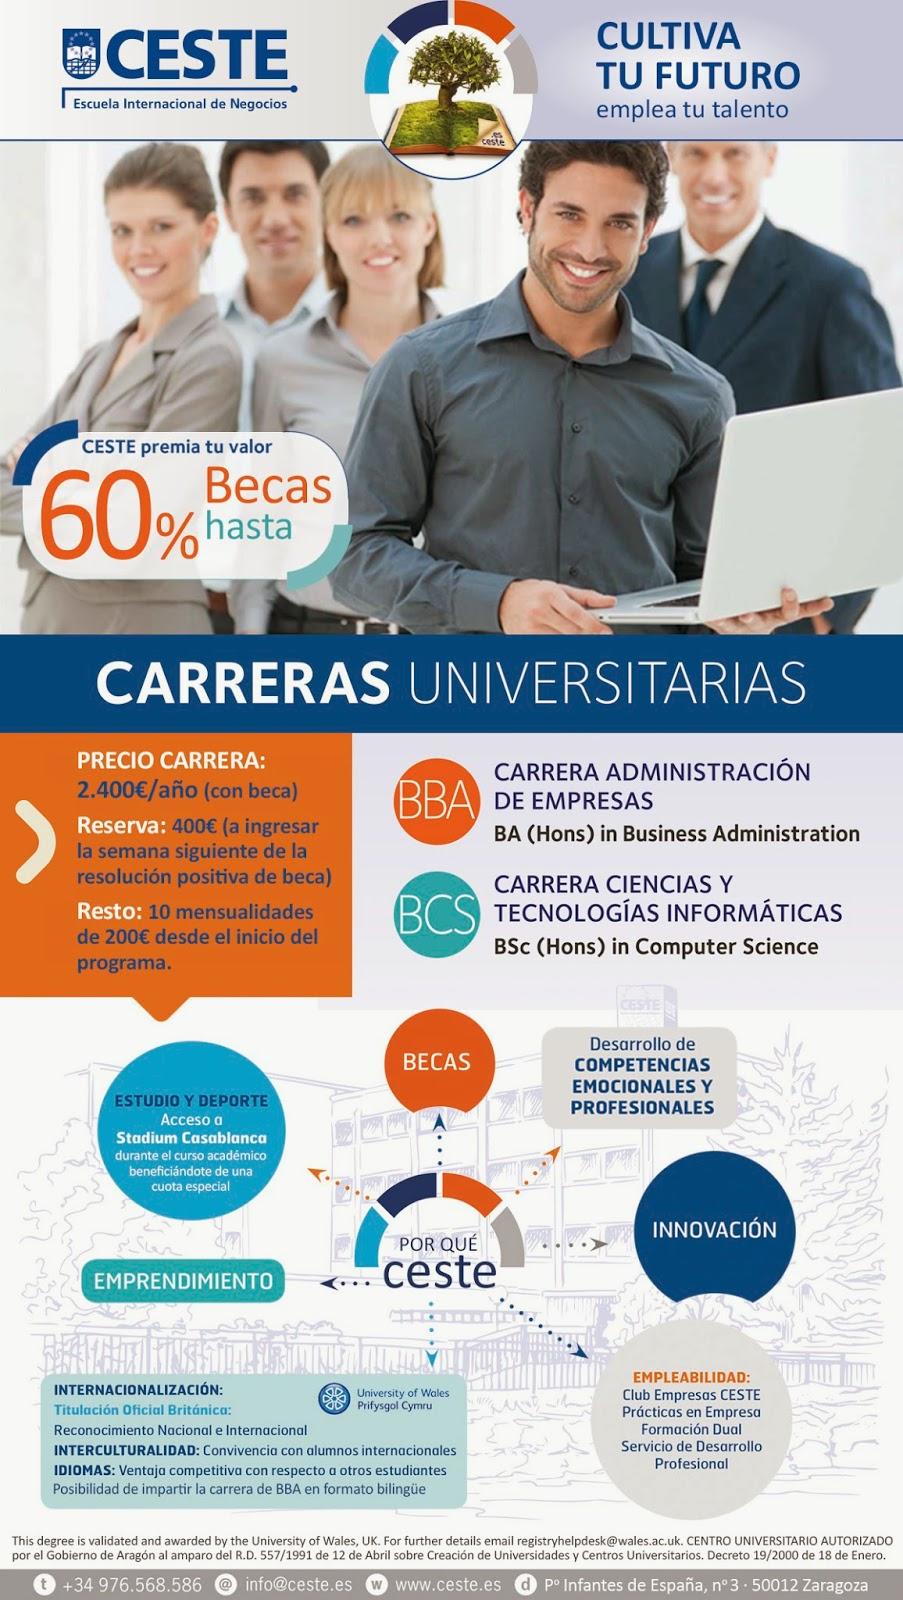 http://www.ceste.es/programas-de-formacion/carreras-universitarias/